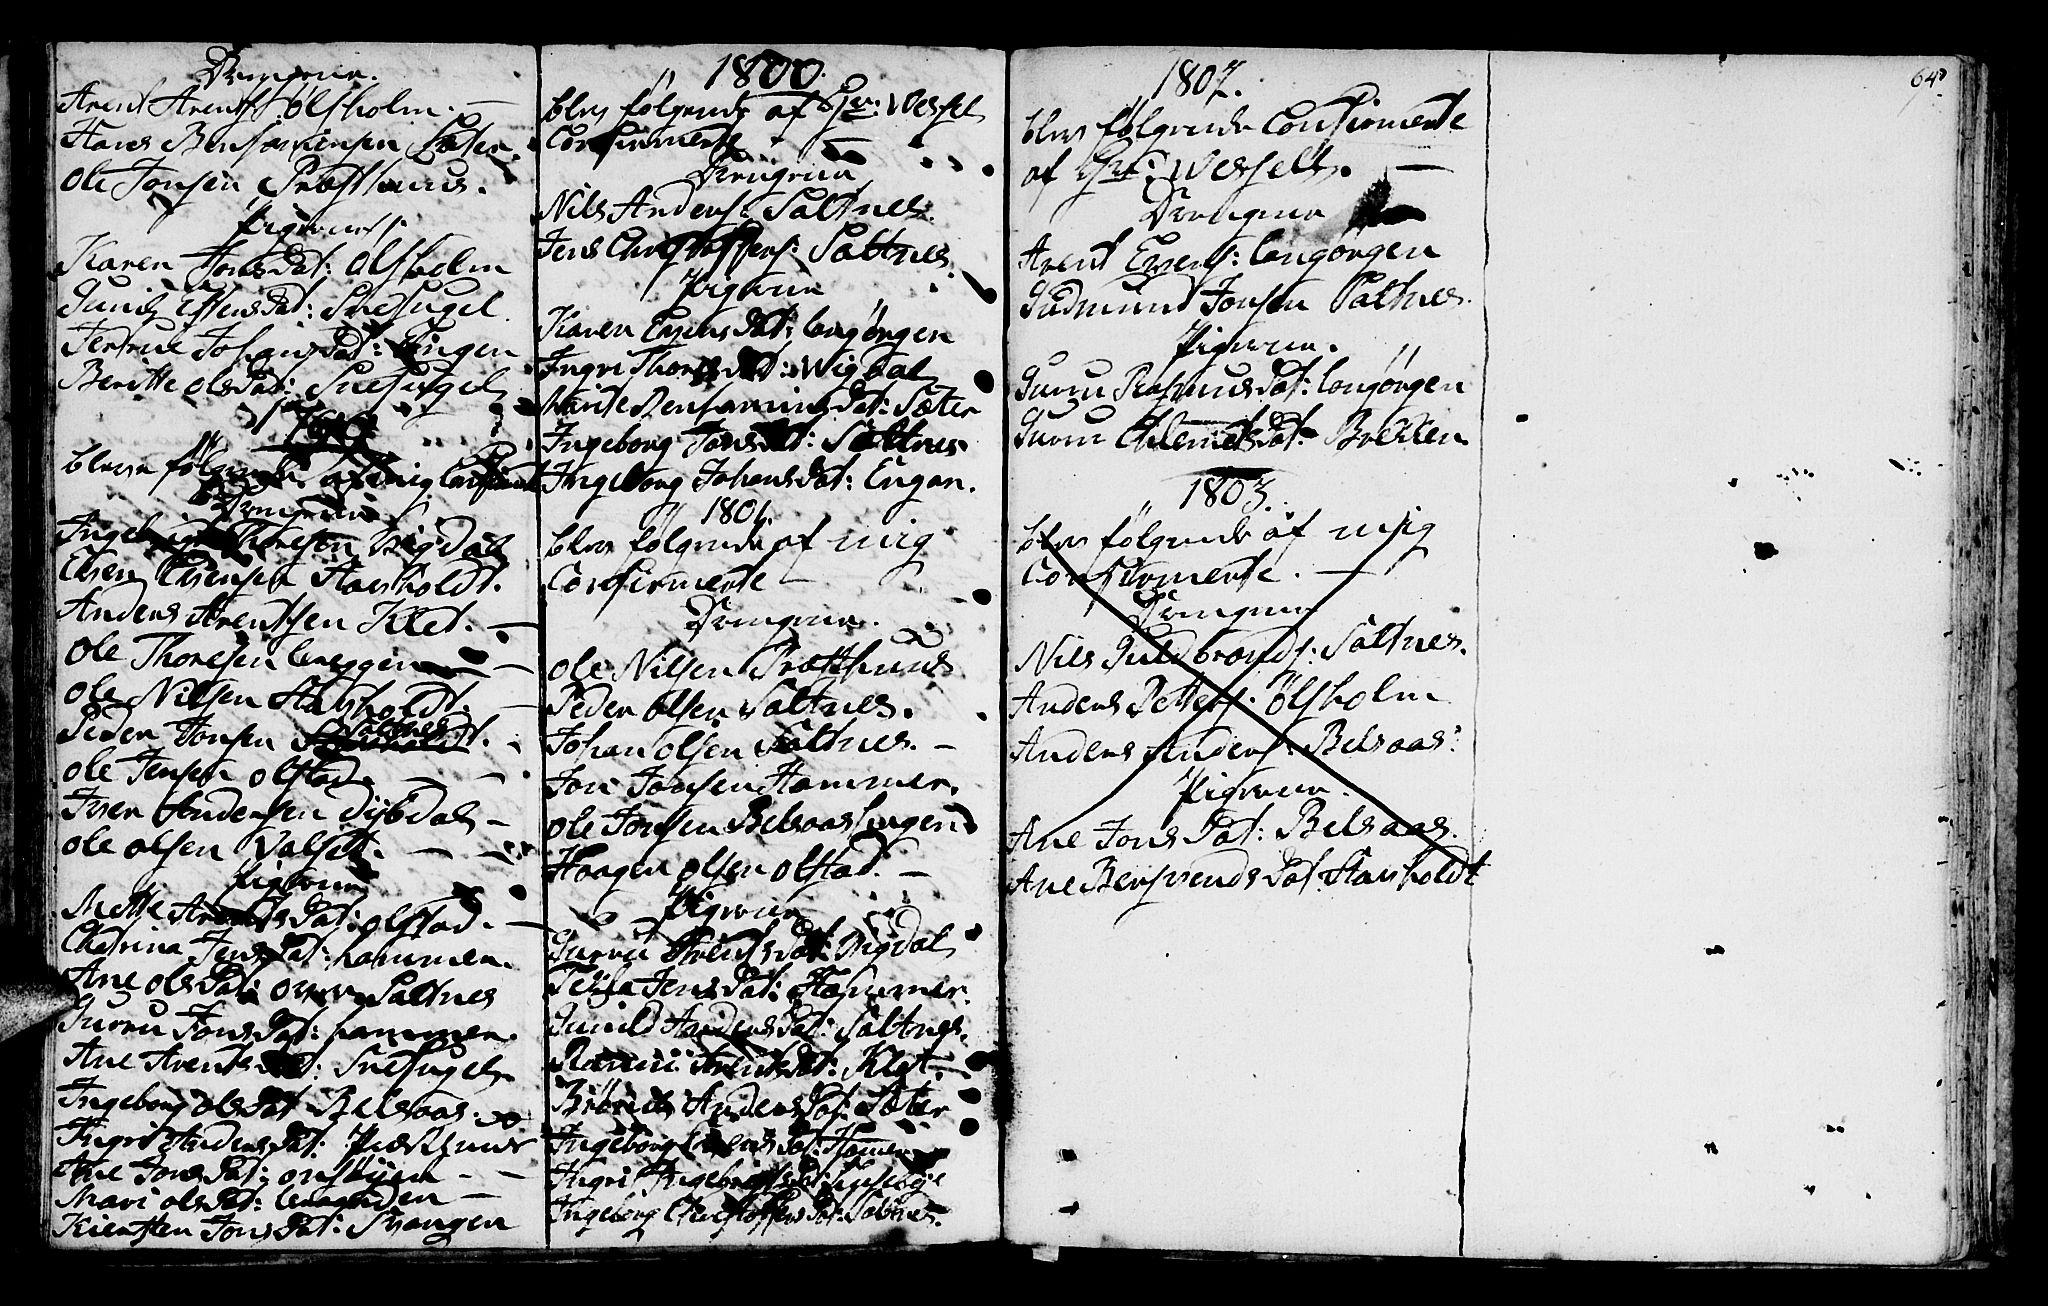 SAT, Ministerialprotokoller, klokkerbøker og fødselsregistre - Sør-Trøndelag, 666/L0784: Ministerialbok nr. 666A02, 1754-1802, s. 64